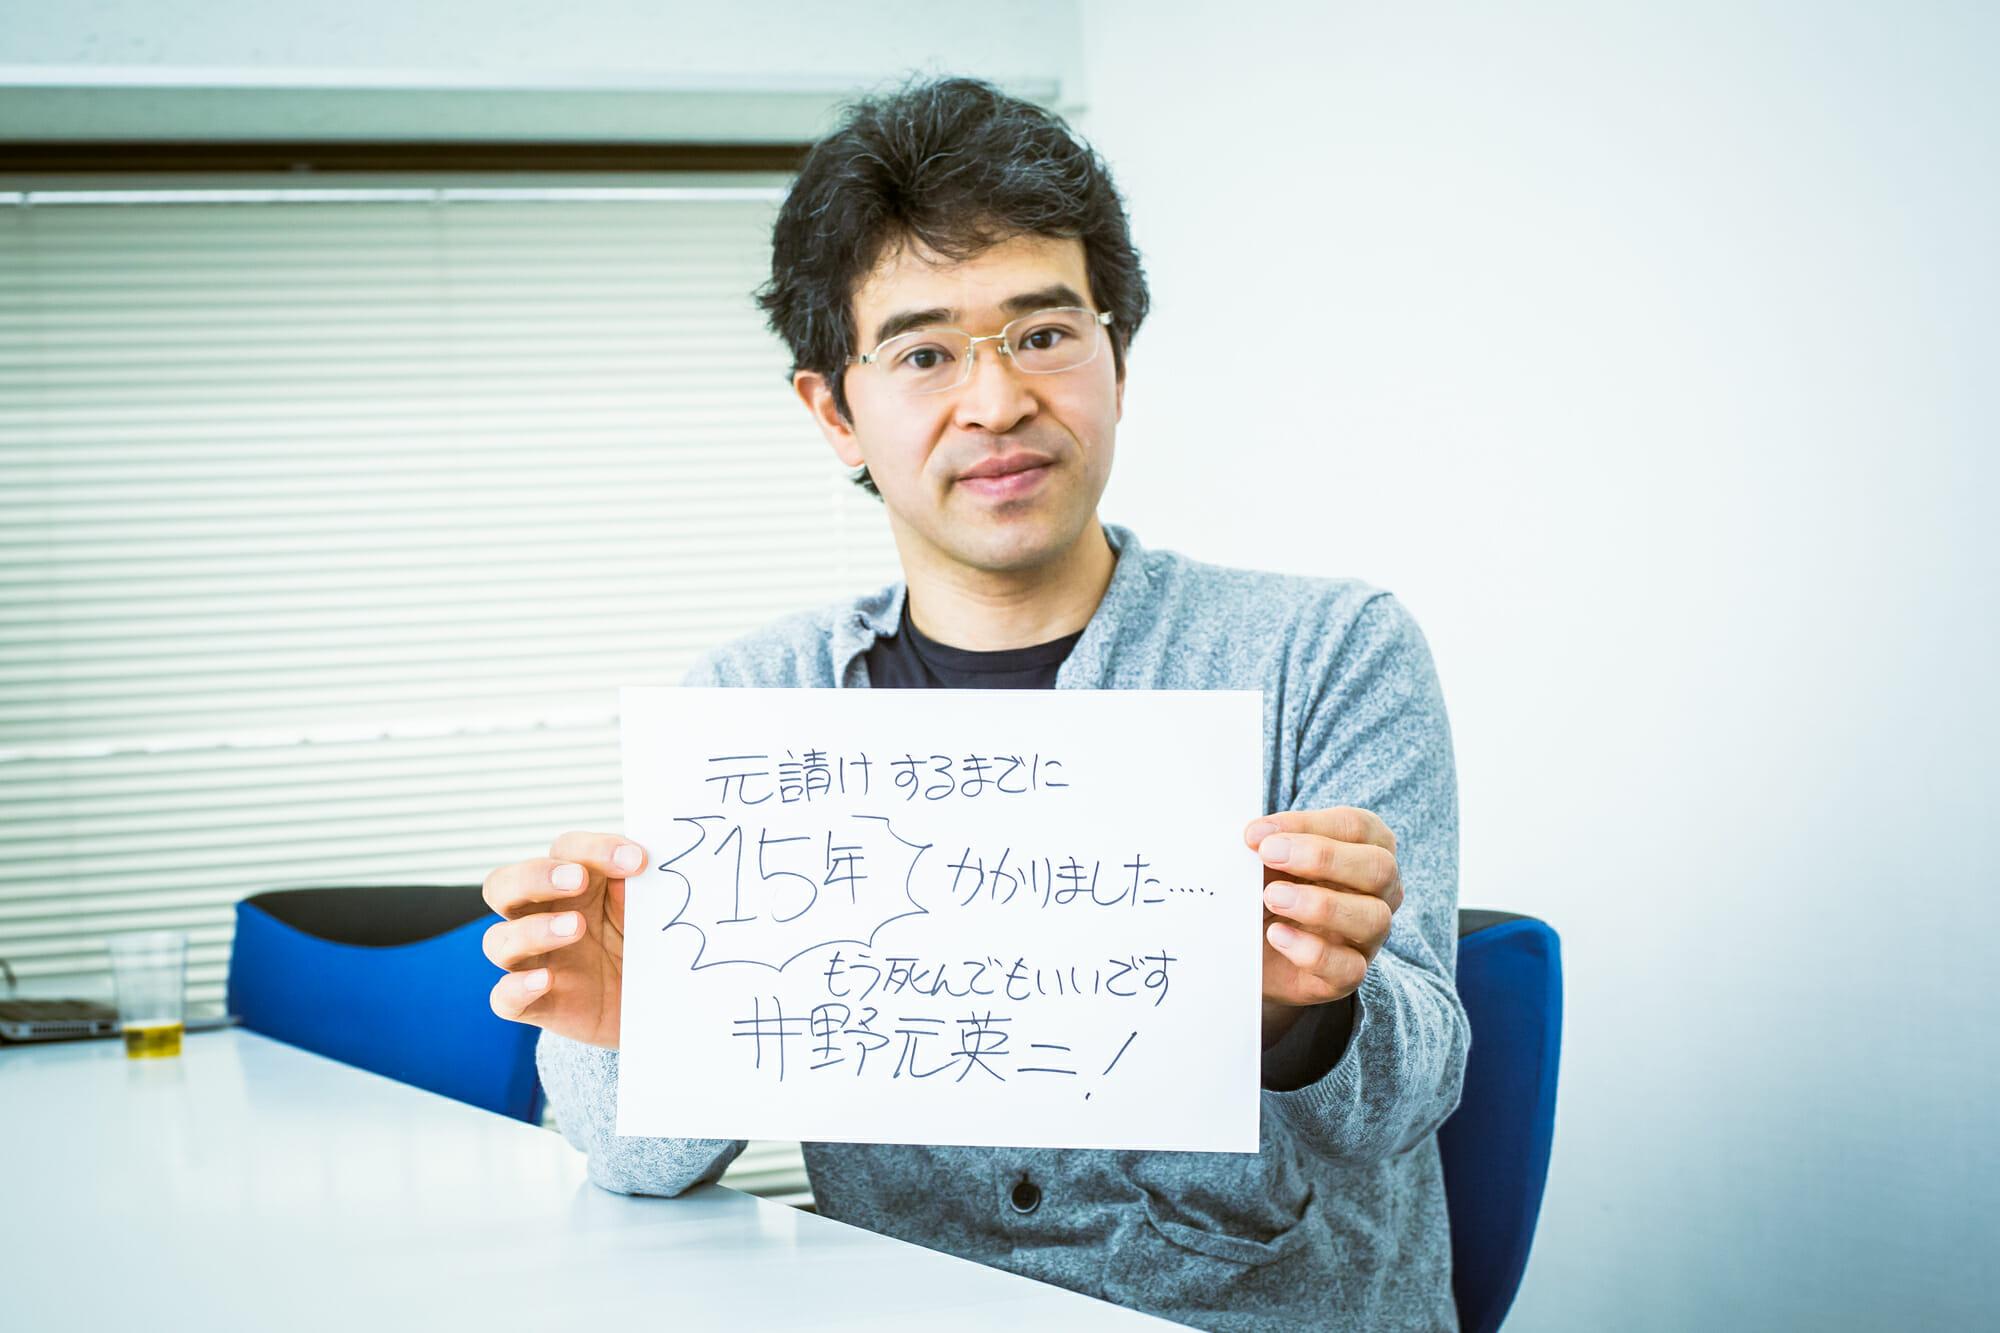 『宝石の国』初回放送日、オレンジの公式Twitterにアップされた井野元さんのコメント